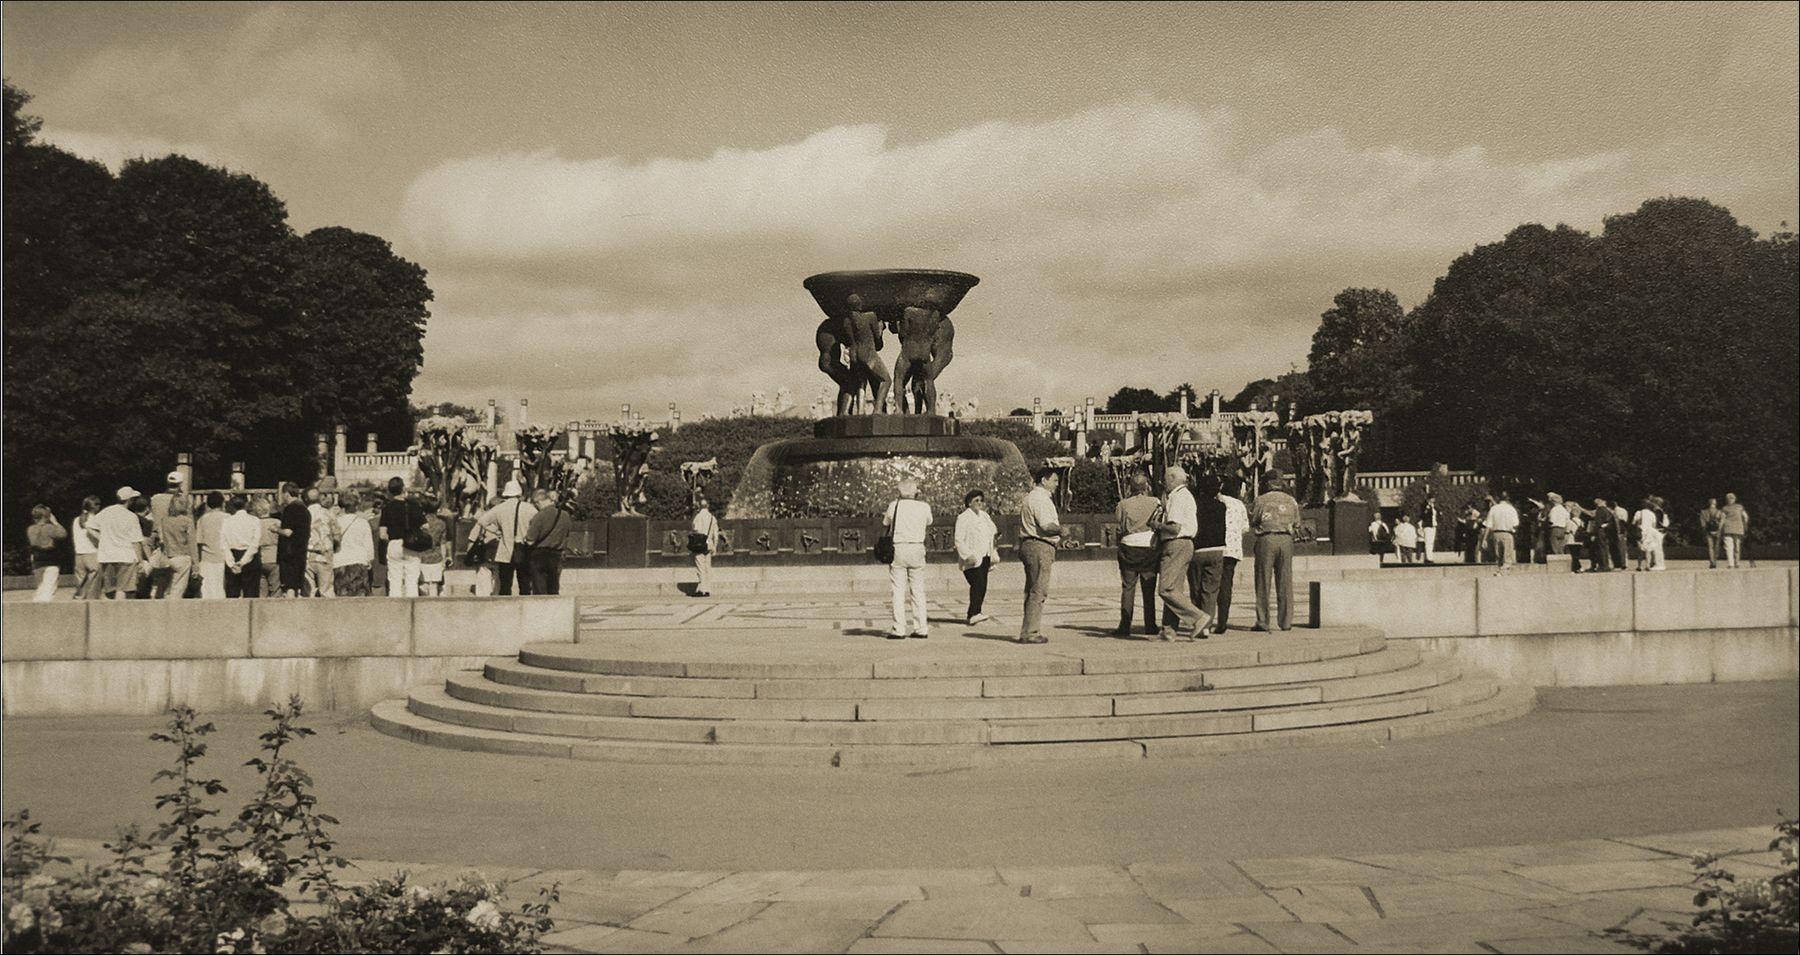 Центральная площадь Парка скульптур Вигеланда в Осло